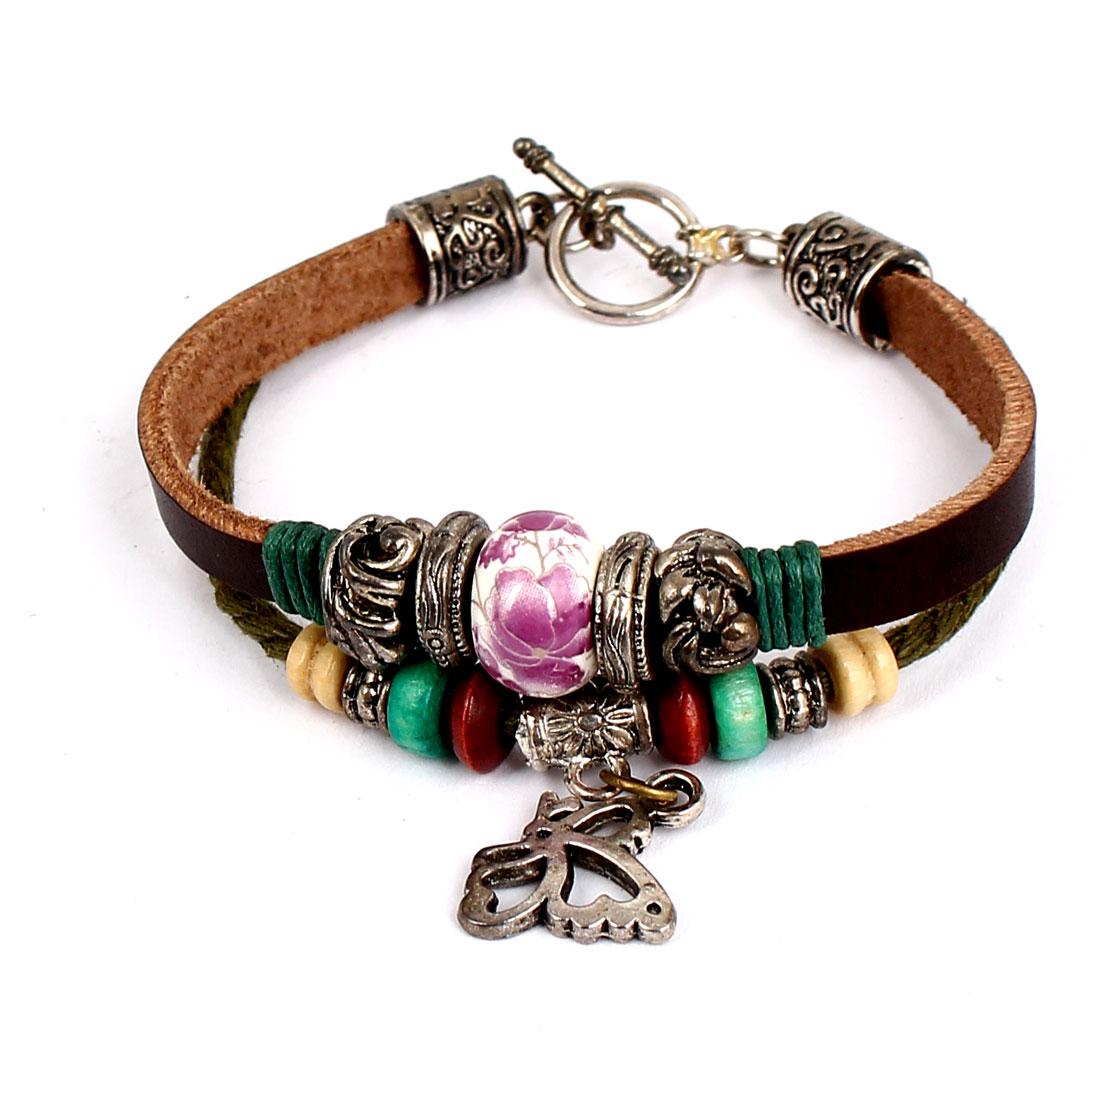 Women Retro Style Metal Butterfly Pendant Interlocking Faux Leather Wrist Bracelet